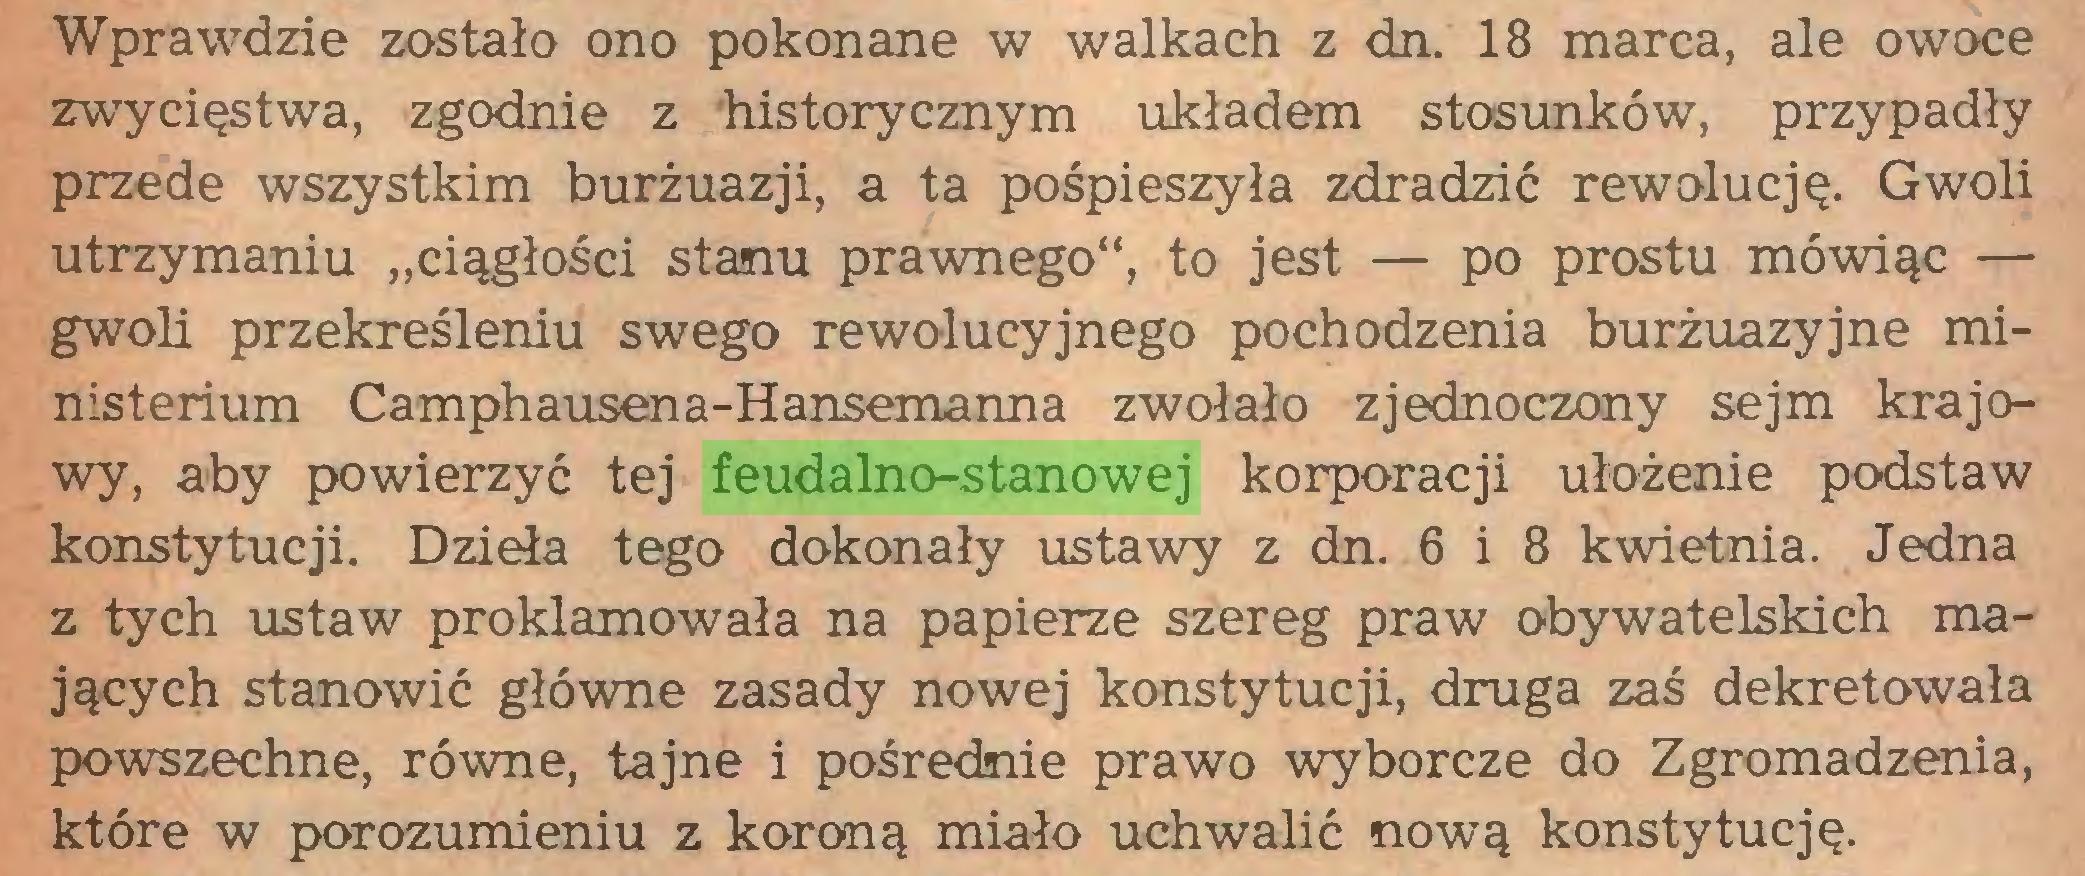 """(...) Wprawdzie zostało ono pokonane w walkach z dn. 18 marca, ale owoce zwycięstwa, zgodnie z historycznym układem stosunków, przypadły przede wszystkim burżuazji, a ta pośpieszyła zdradzić rewolucję. Gwoli utrzymaniu """"ciągłości stanu prawnego"""", to jest — po prostu mówiąc — gwoli przekreśleniu swego rewolucyjnego pochodzenia burżuazyjne ministerium Camphausena-Hansemanna zwołało zjednoczony sejm krajowy, aby powierzyć tej feudalno-stanowej korporacji ułożenie podstaw konstytucji. Dzieła tego dokonały ustawy z dn. 6 i 8 kwietnia. Jedna z tych ustaw proklamowała na papierze szereg praw obywatelskich mających stanowić główne zasady nowej konstytucji, druga zaś dekretowała powszechne, równe, tajne i pośrednie prawo wyborcze do Zgromadzenia, które w porozumieniu z koroną miało uchwalić nową konstytucję..."""